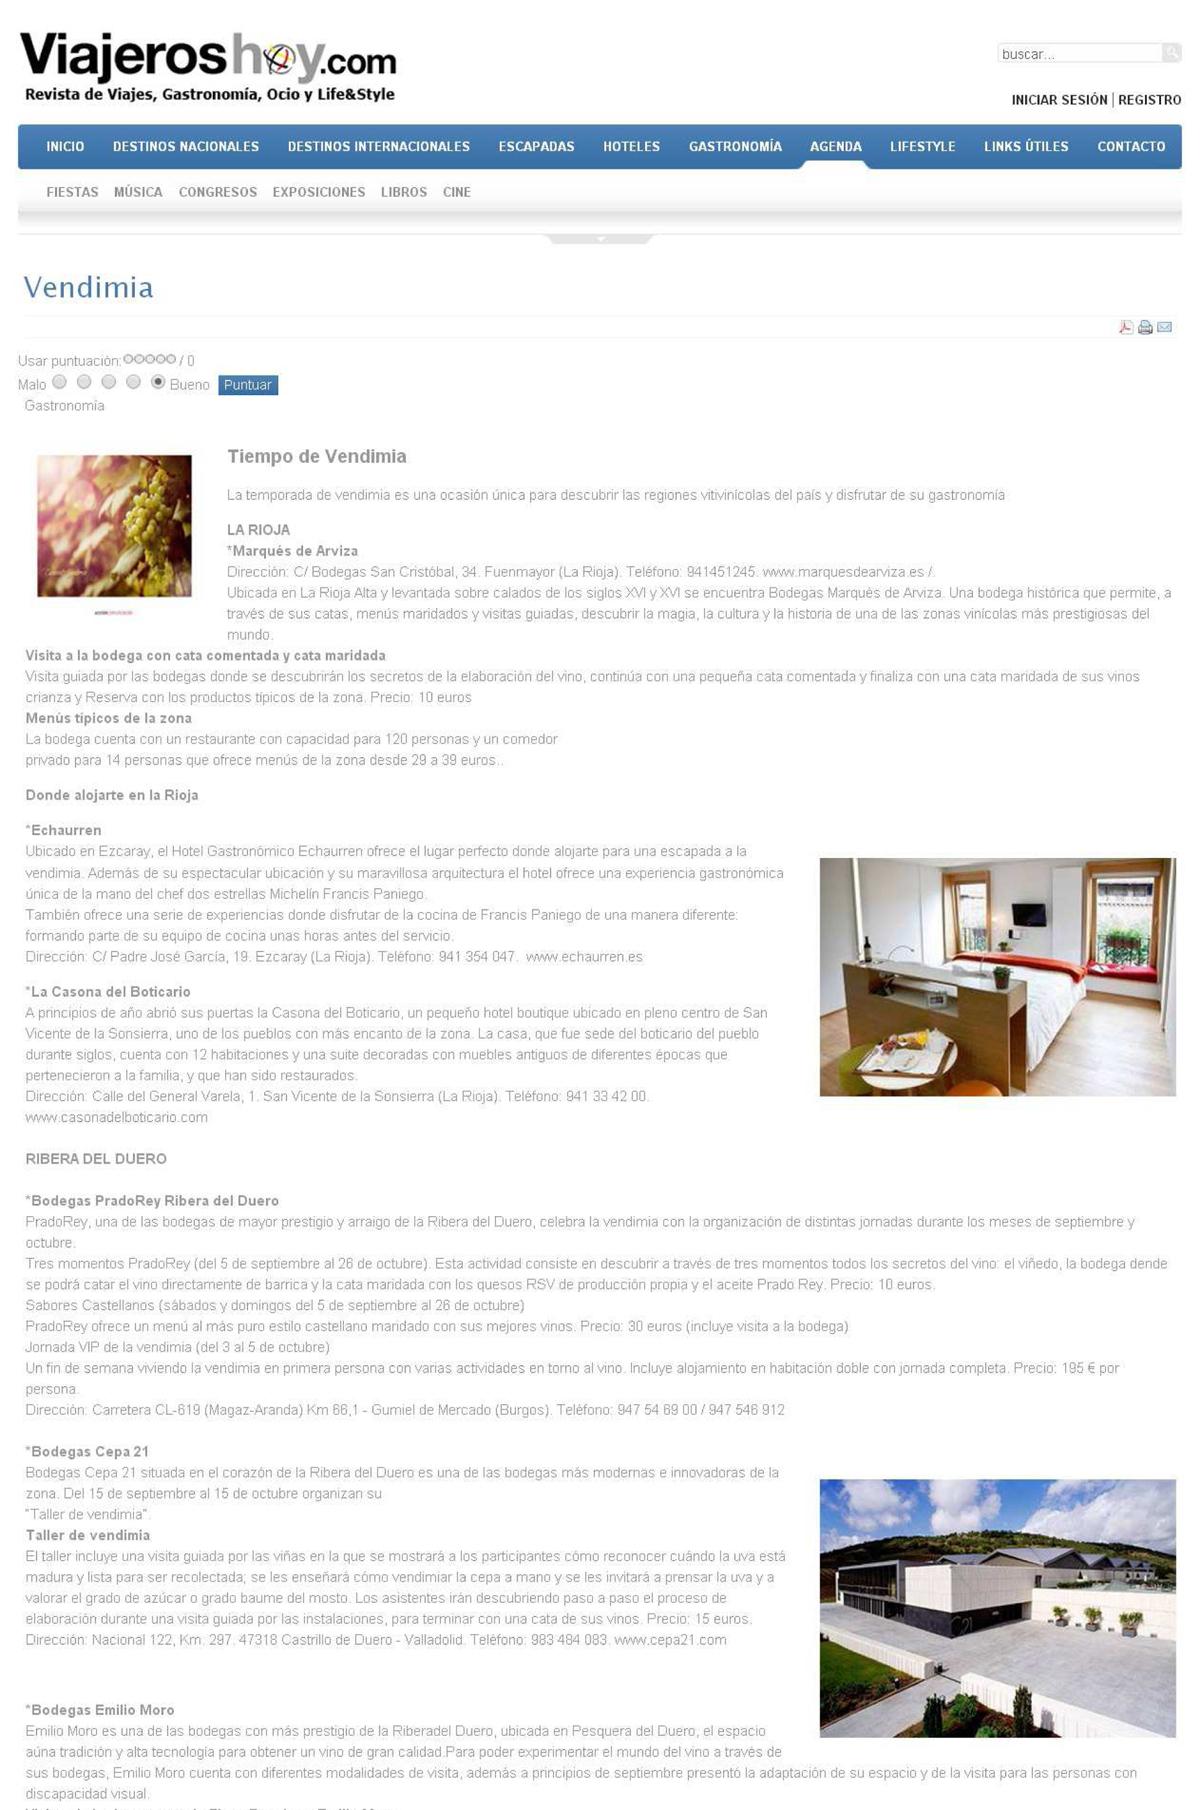 Viajeroshoy.com_22 septiembre 2014